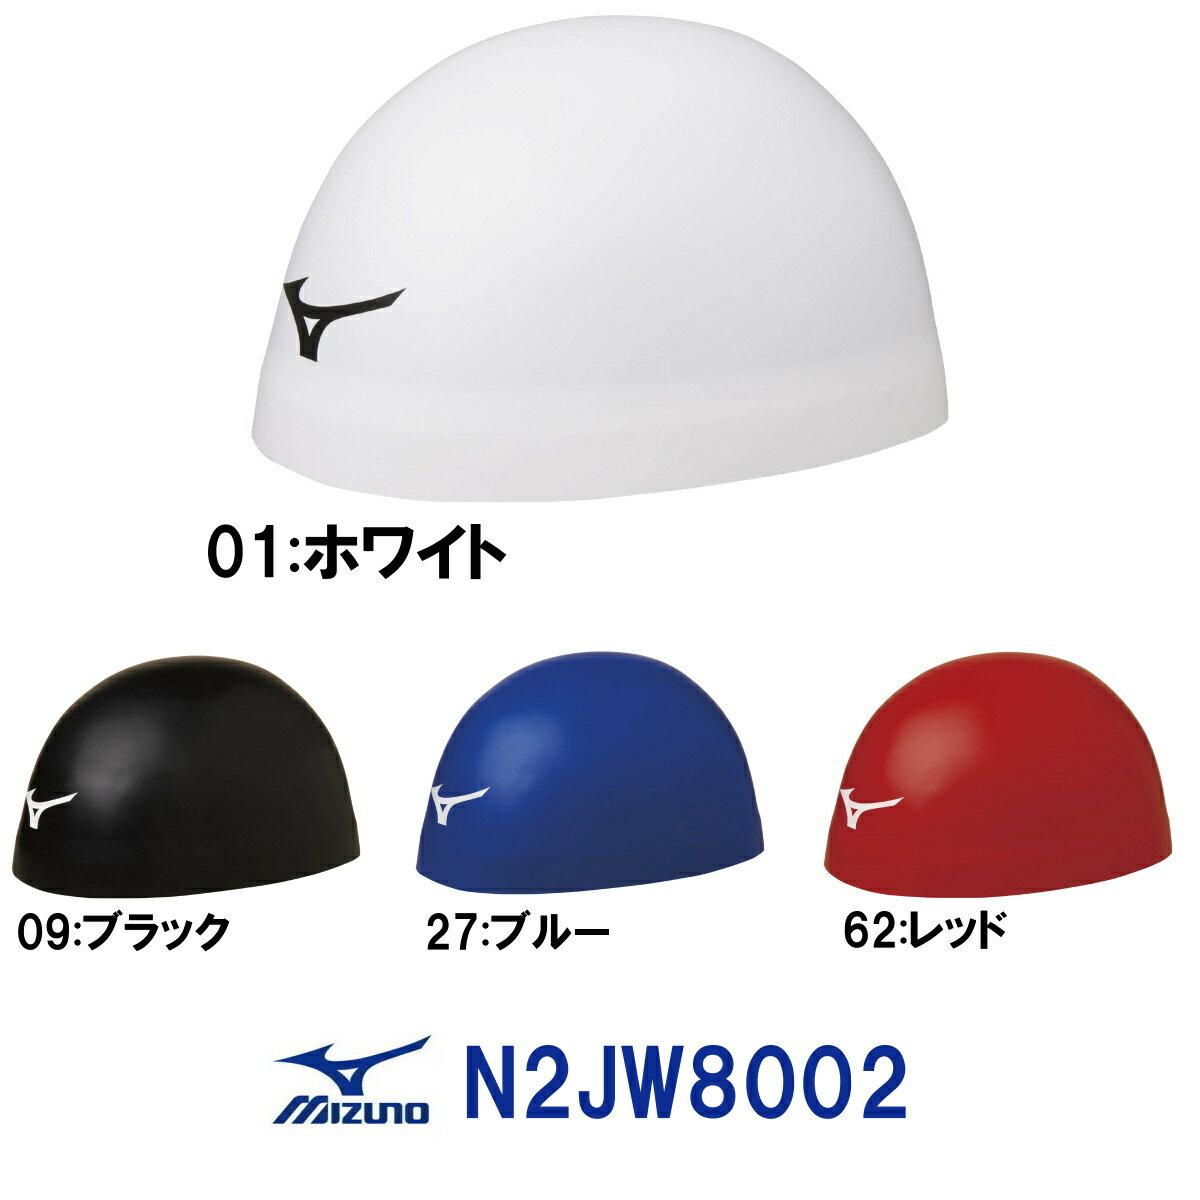 ミズノ MIZUNO 水泳 スイムキャップ シリコンキャップ FINA承認モデル [GX・SONIC HEAD ジーエックス・ソニックヘッド] 通常サイズ N2JW8002